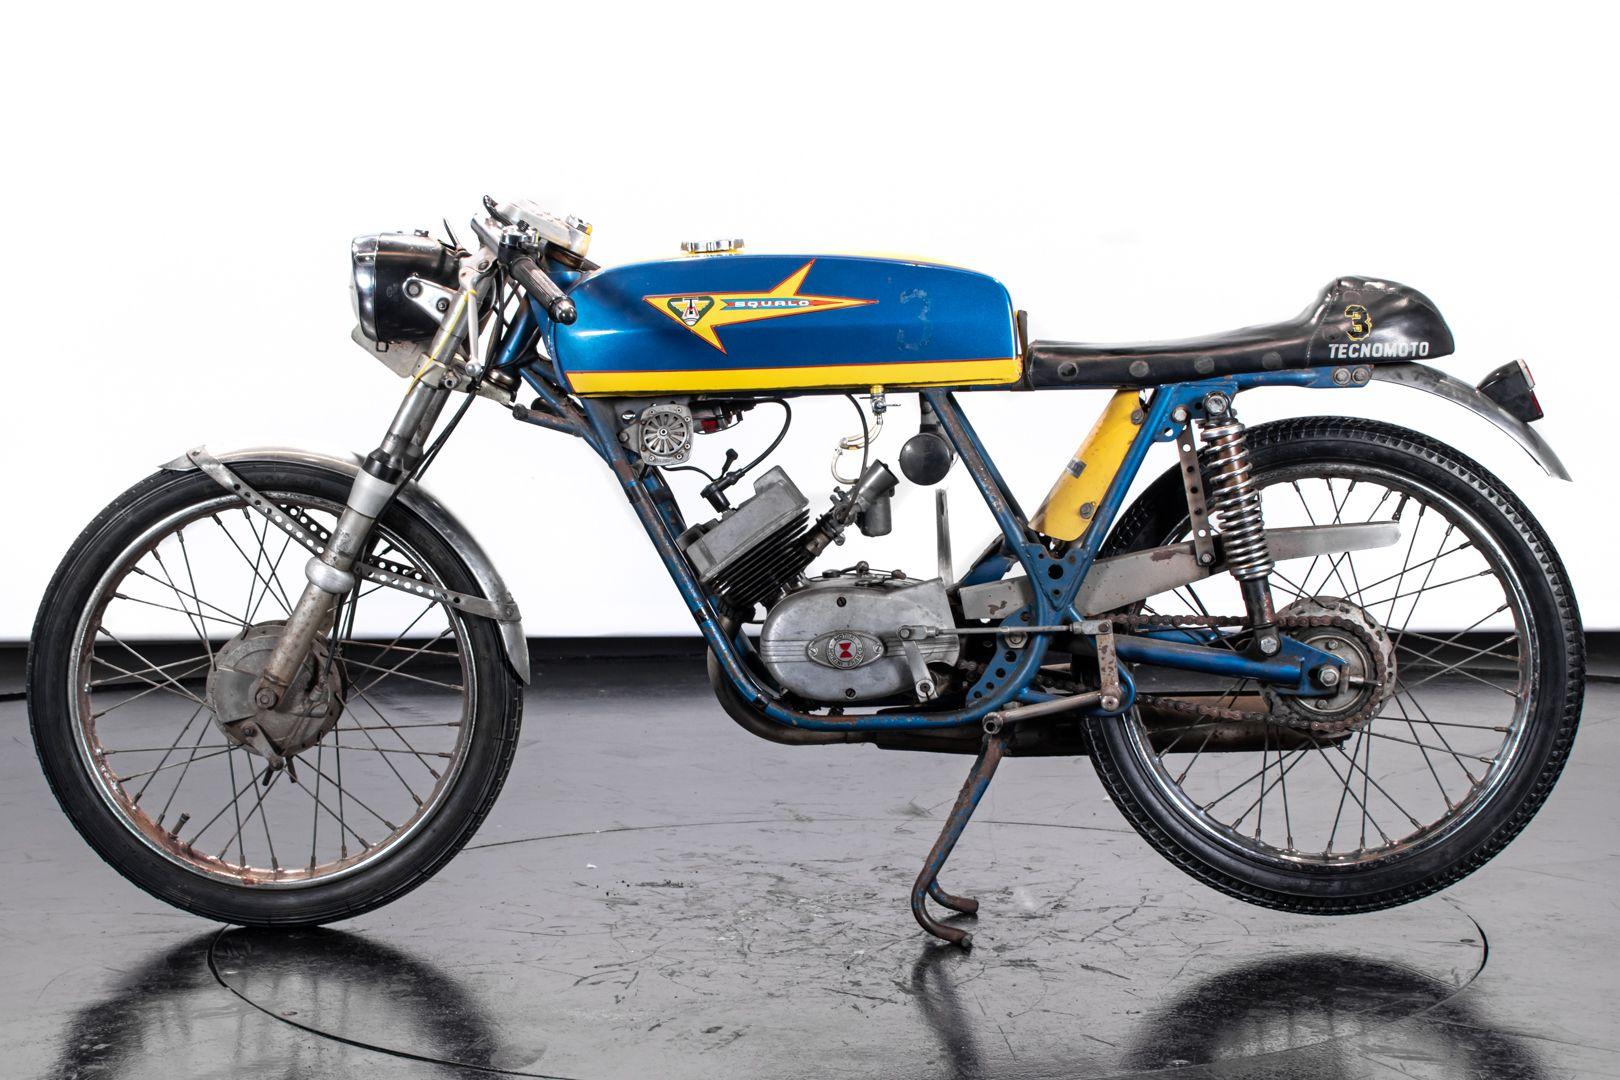 1972 Tecnomoto Squalo  72075